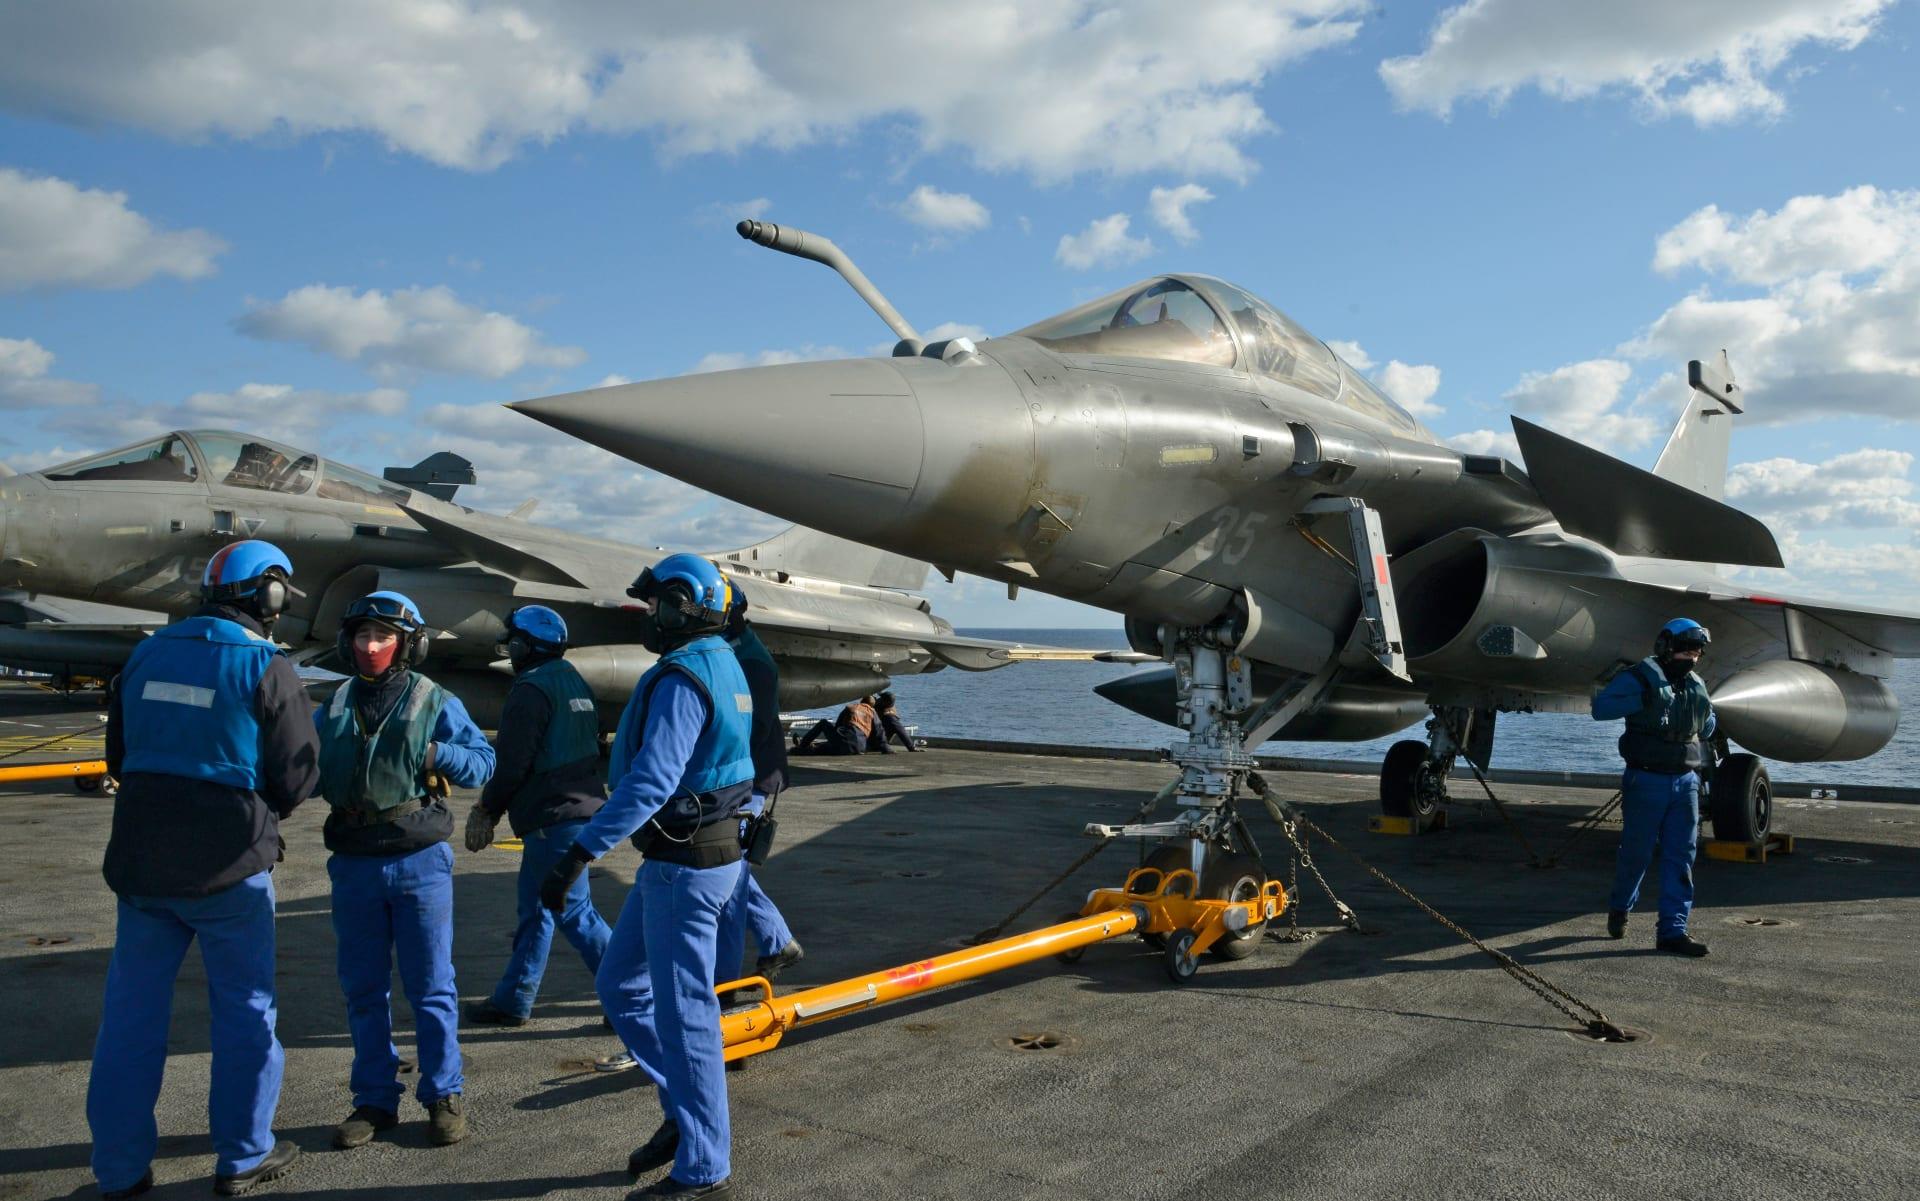 حاملة الطائرات الفرنسية شارل ديغول في شرق البحر المتوسط